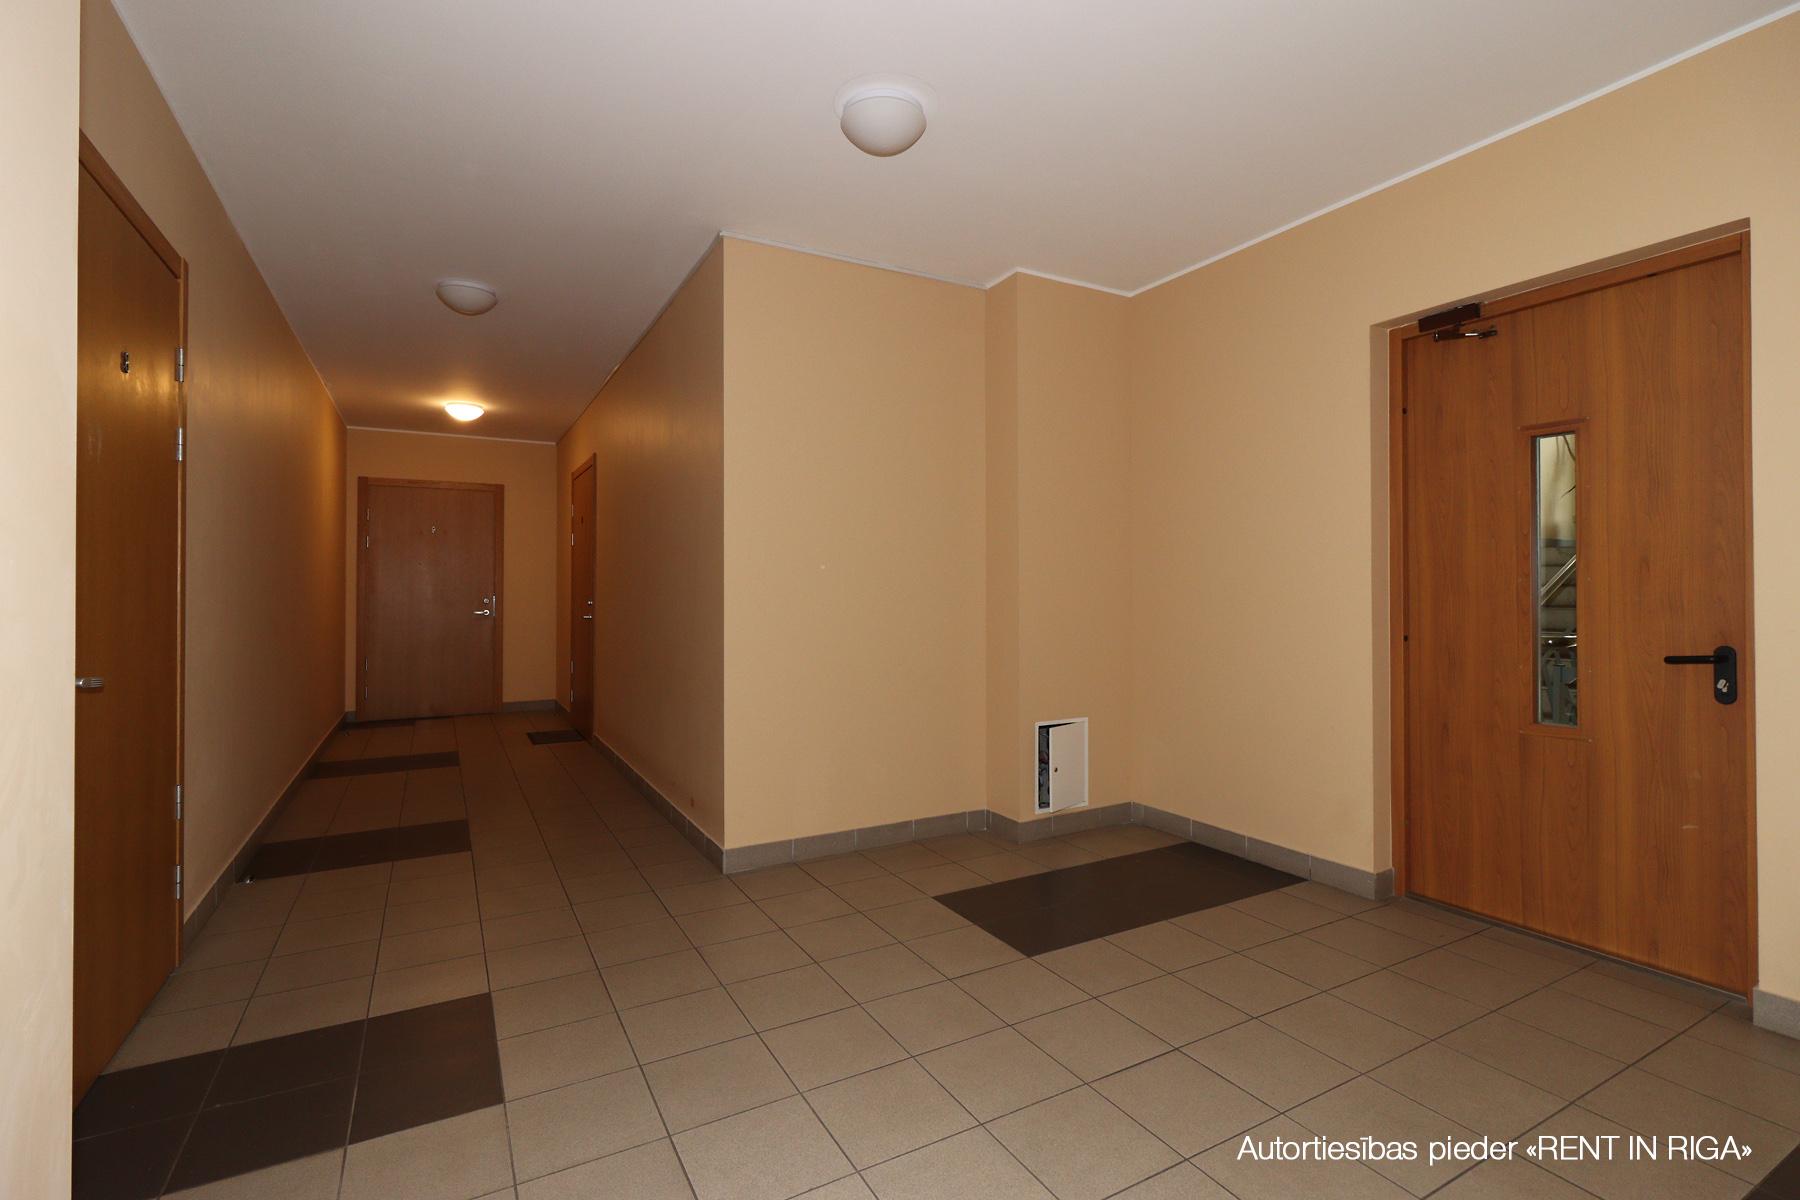 Pārdod dzīvokli, Liesmas iela 4 - Attēls 1